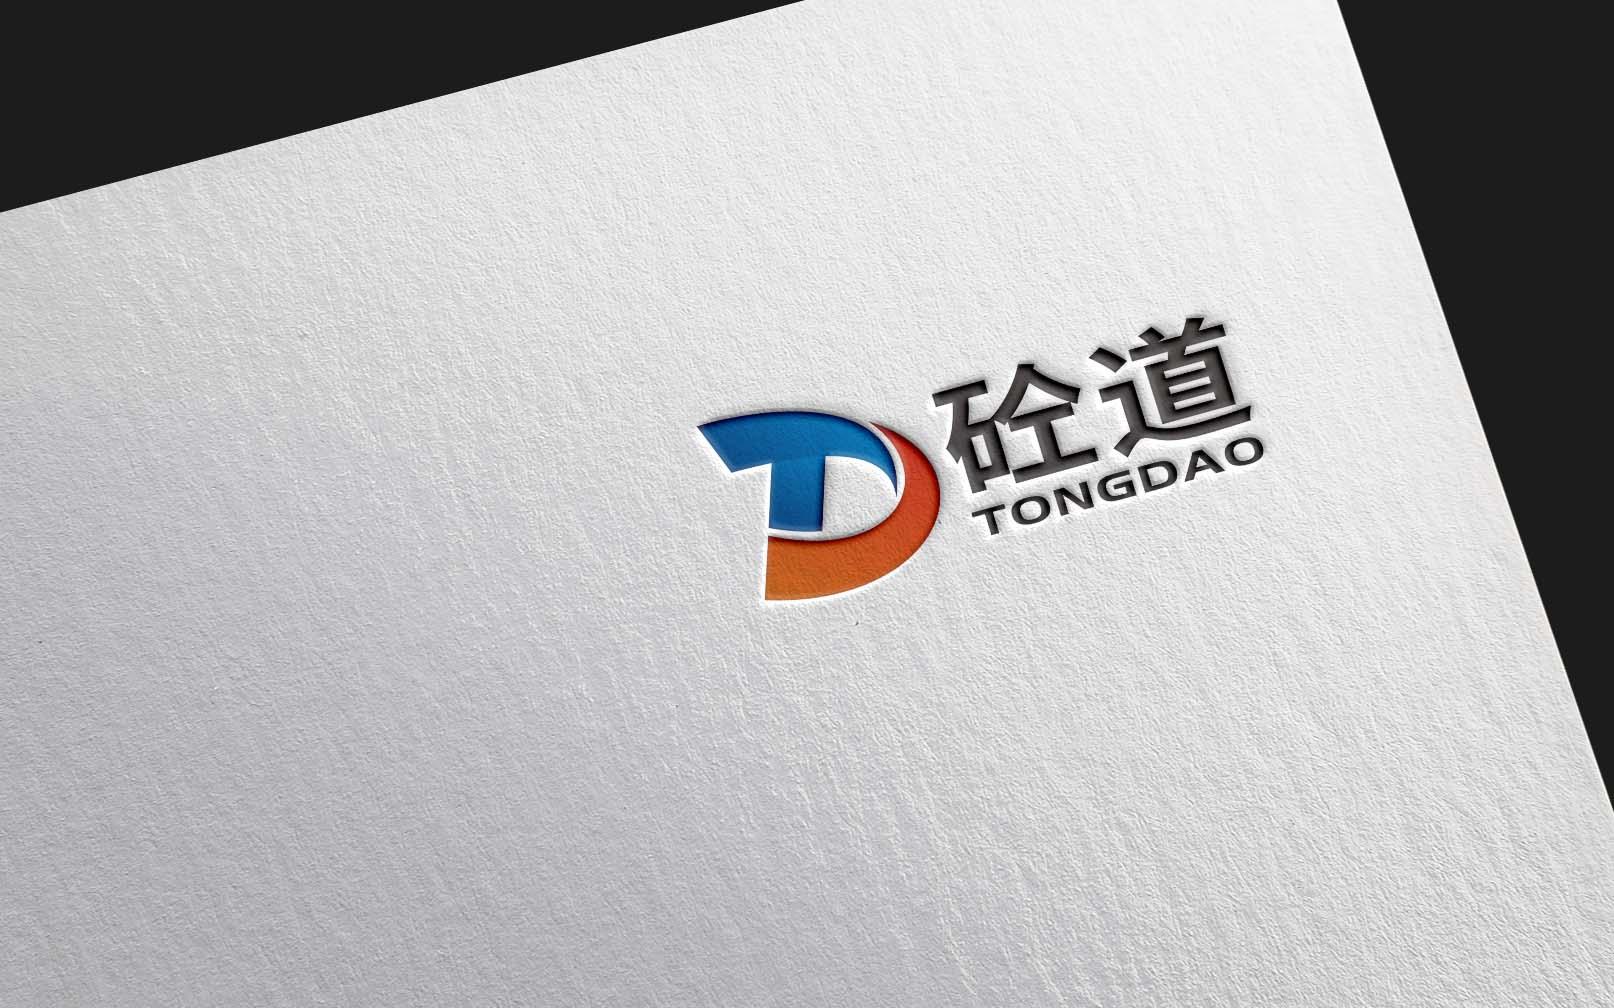 产品Logo设计_3033305_k68威客网